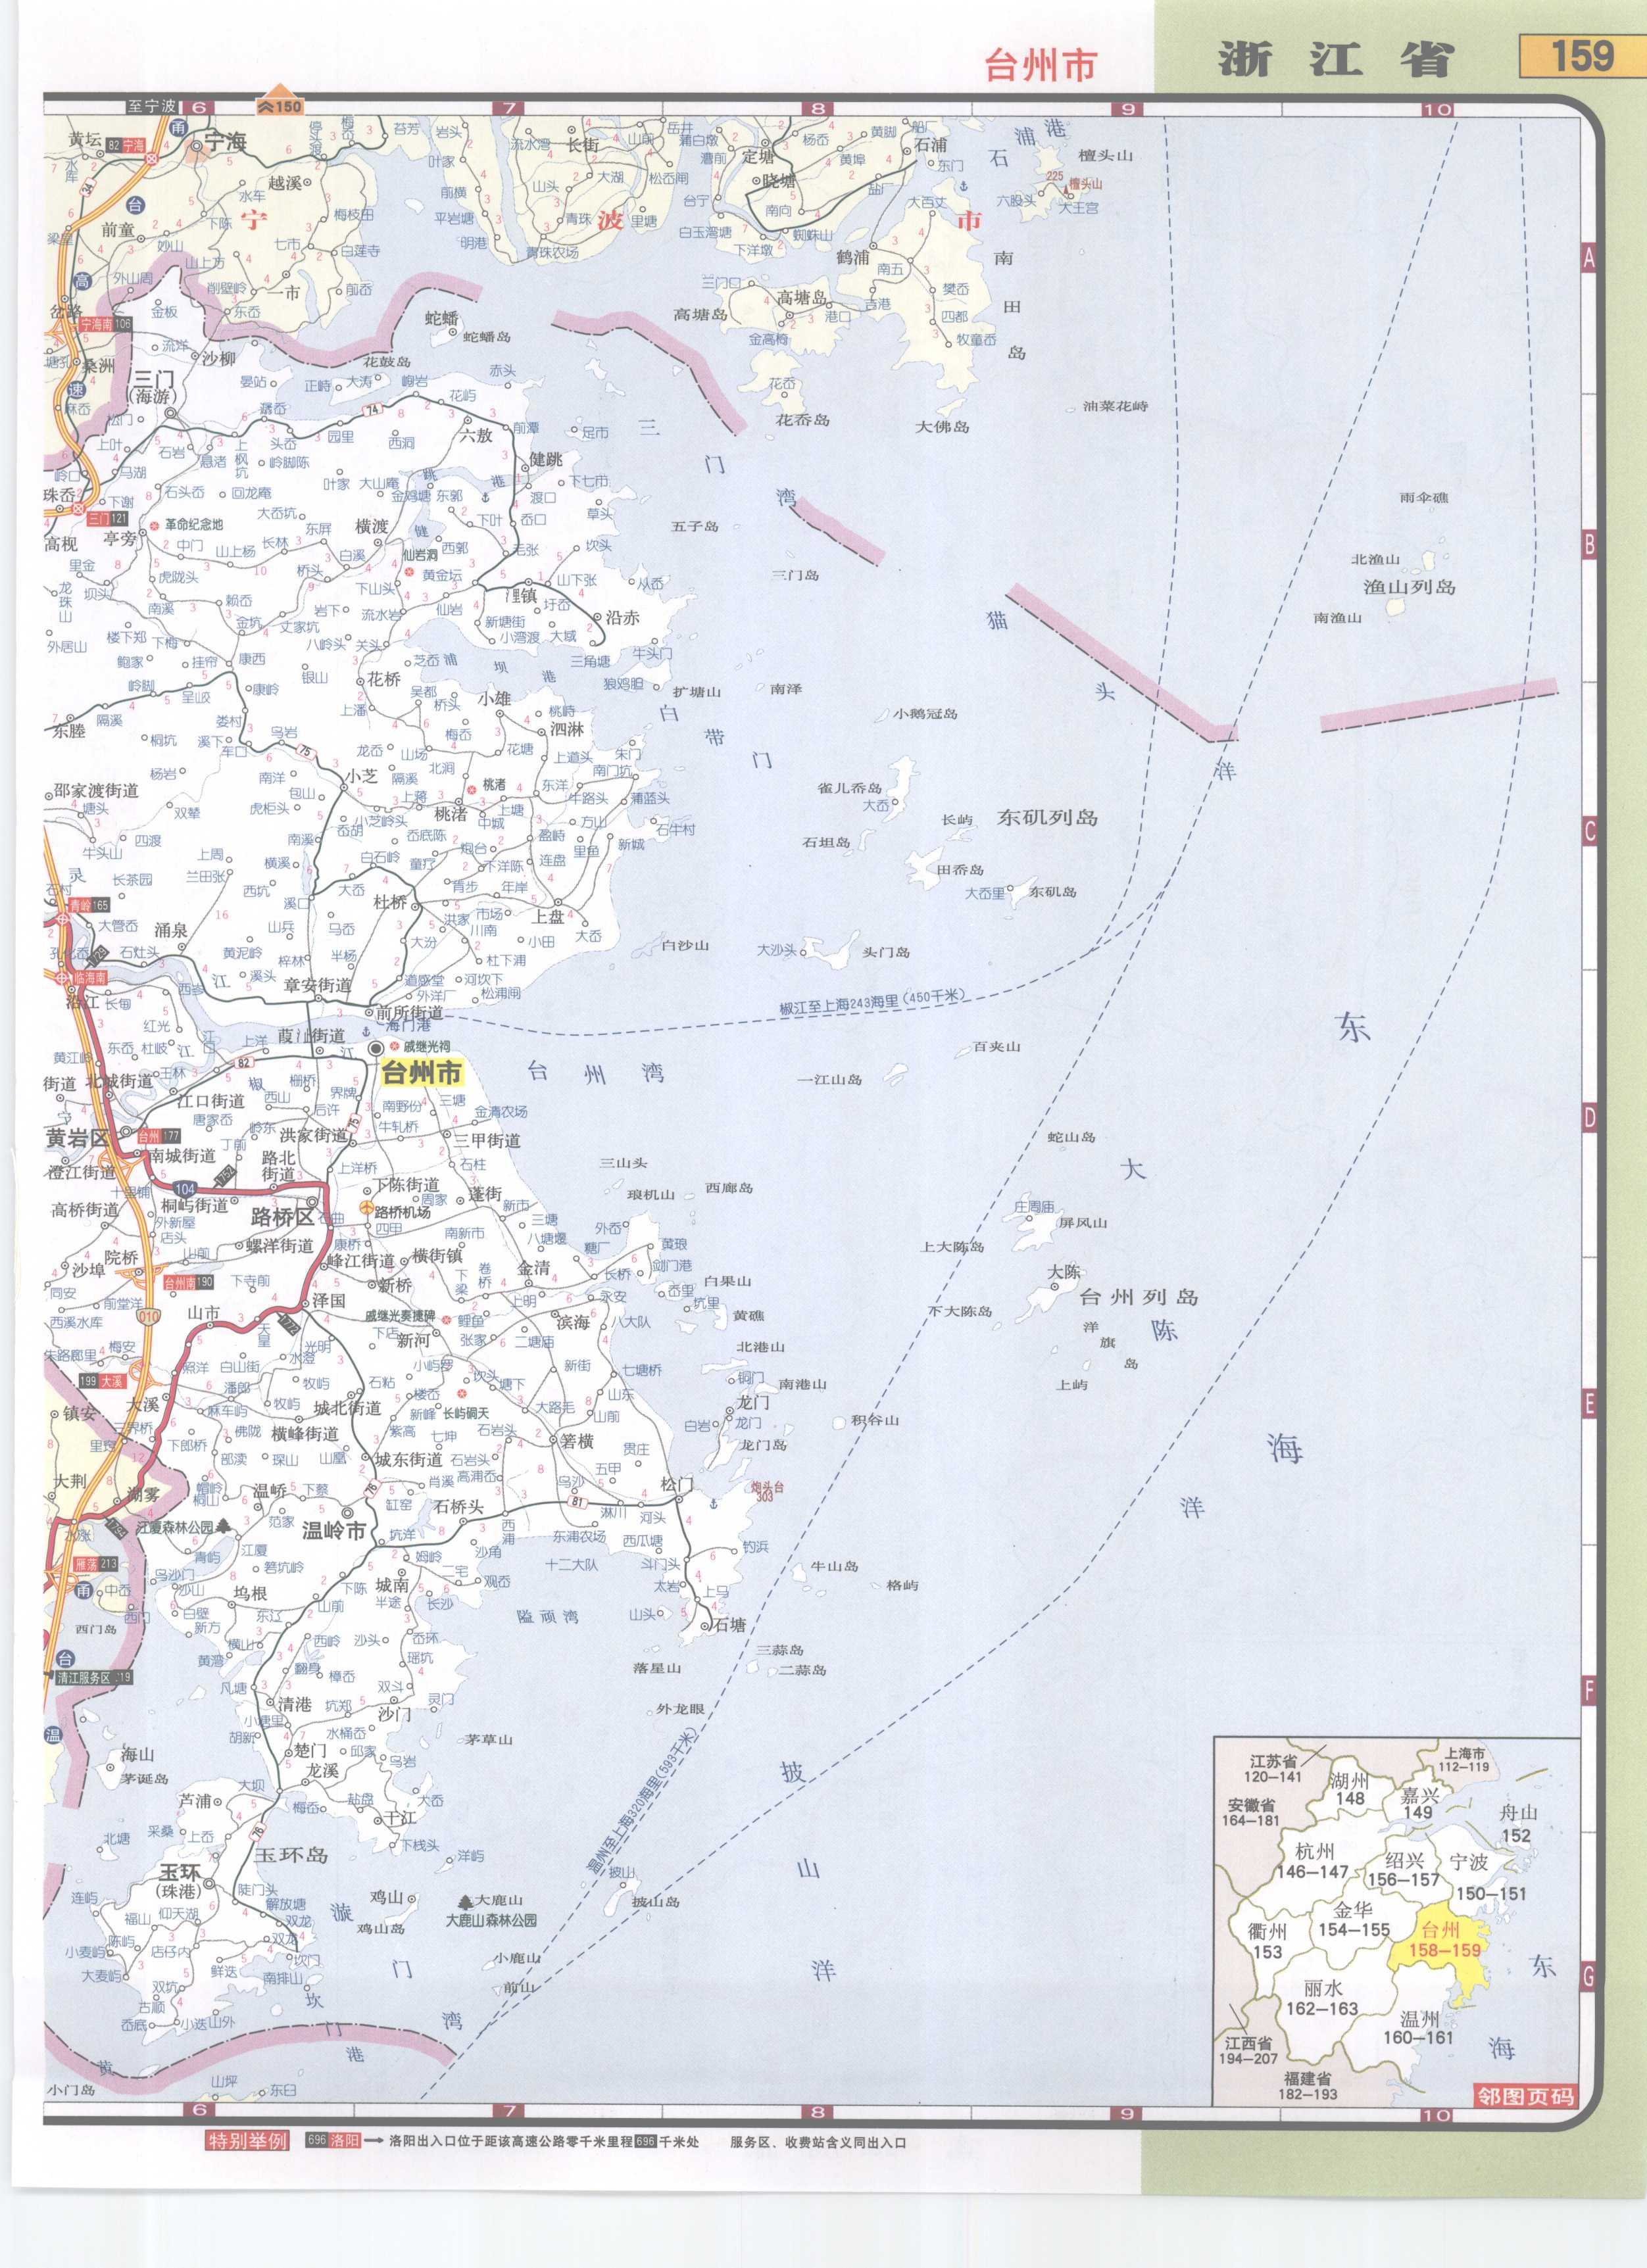 浙江省台州市高速公路网地图